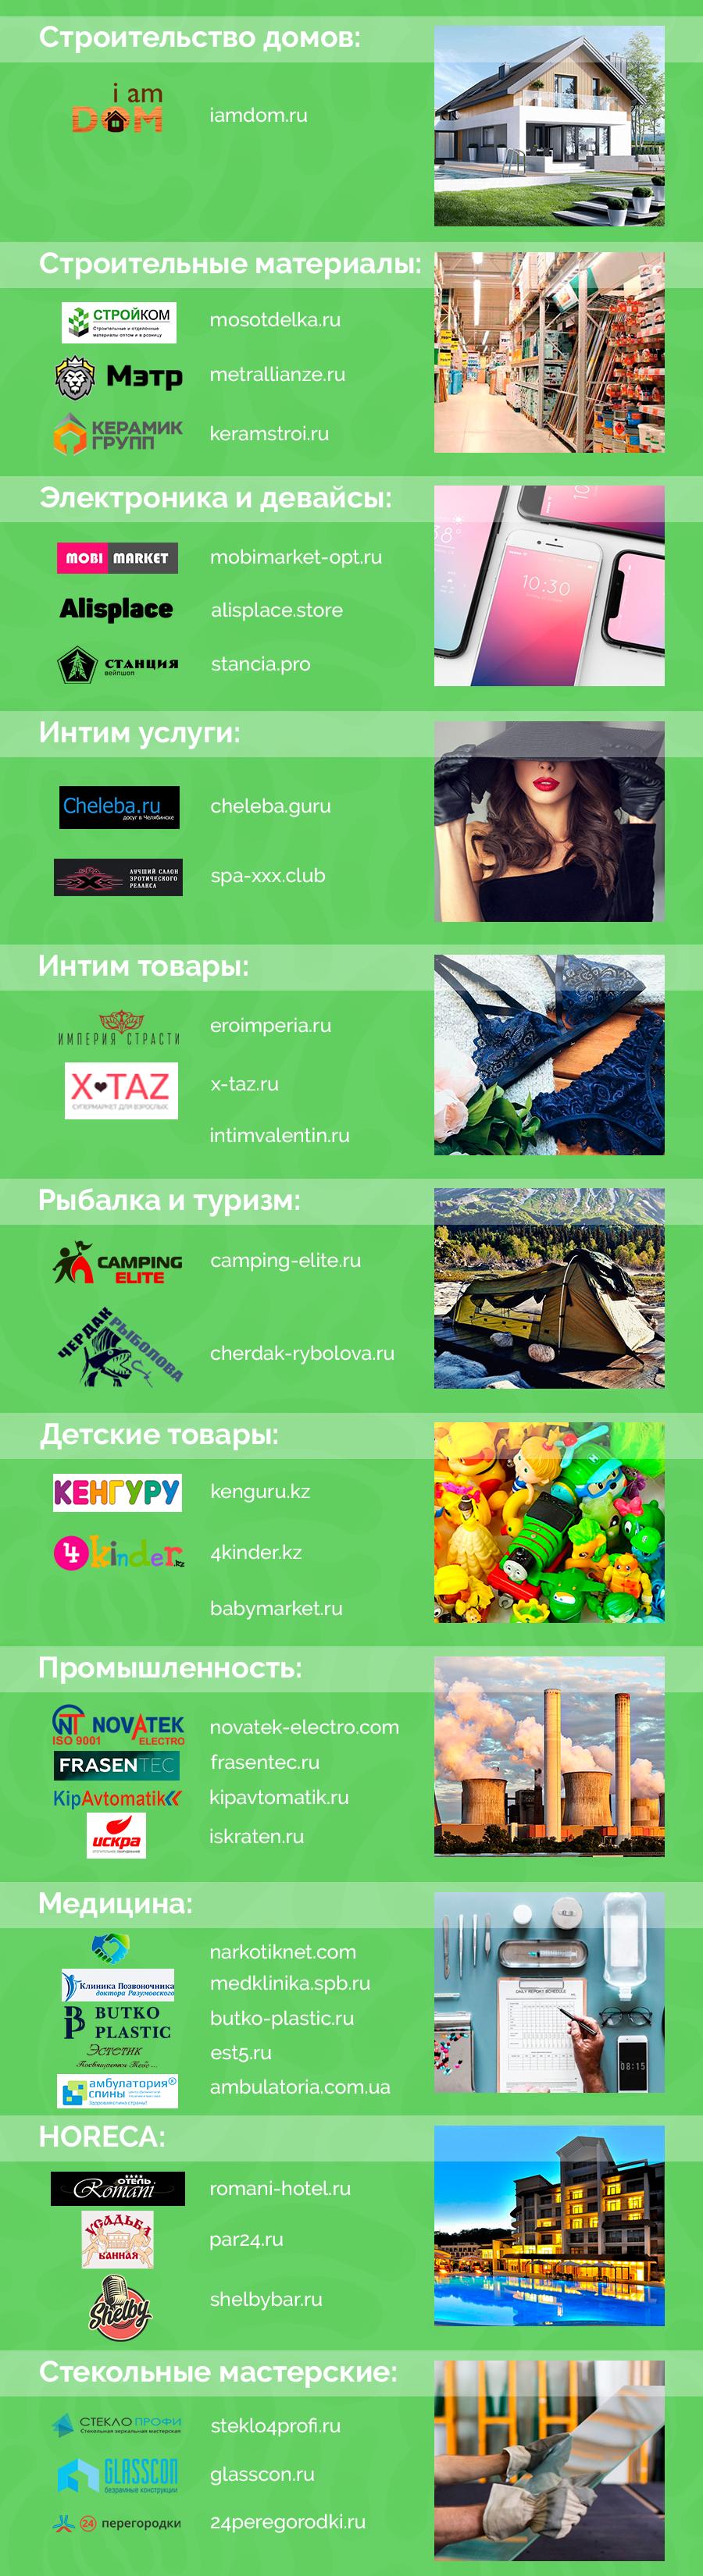 Примеры кейсов по тематикам